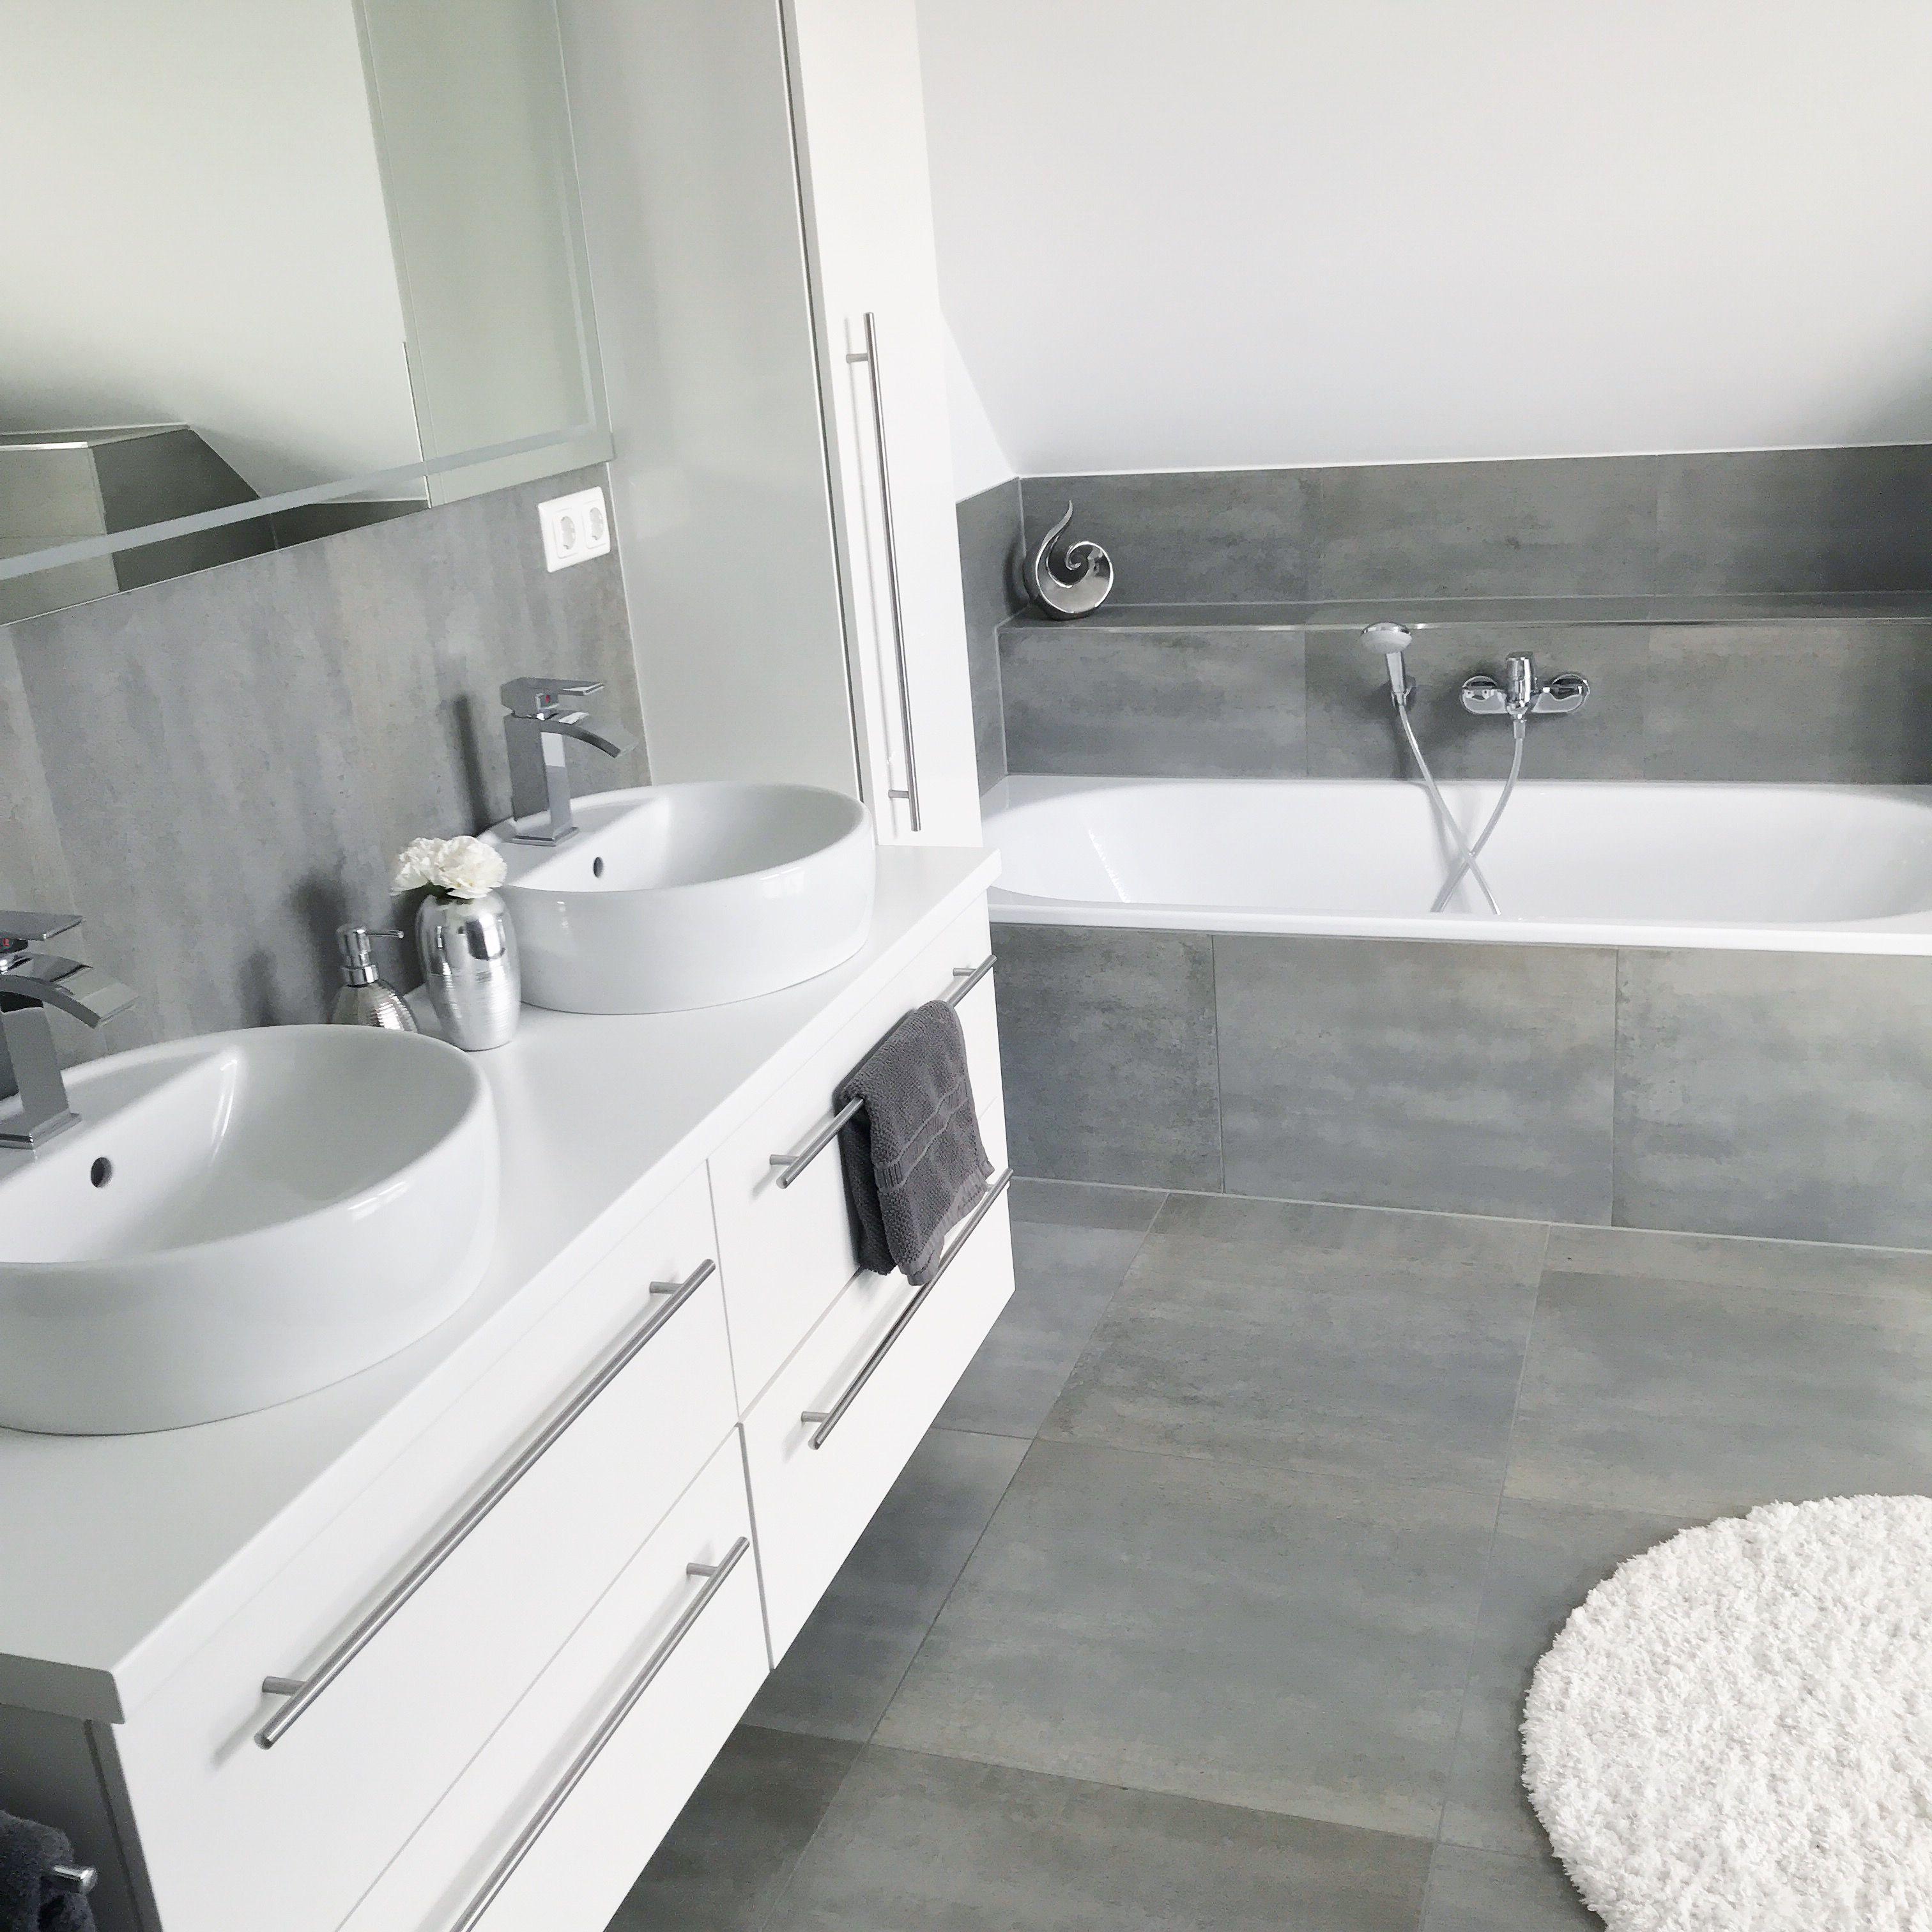 Instagram Wohn Emotion Landhaus Badezimmer Bathroom Modern Grau Weiss Grey White Badezimmer Ideen Grau Badezimmer Innenausstattung Badezimmer